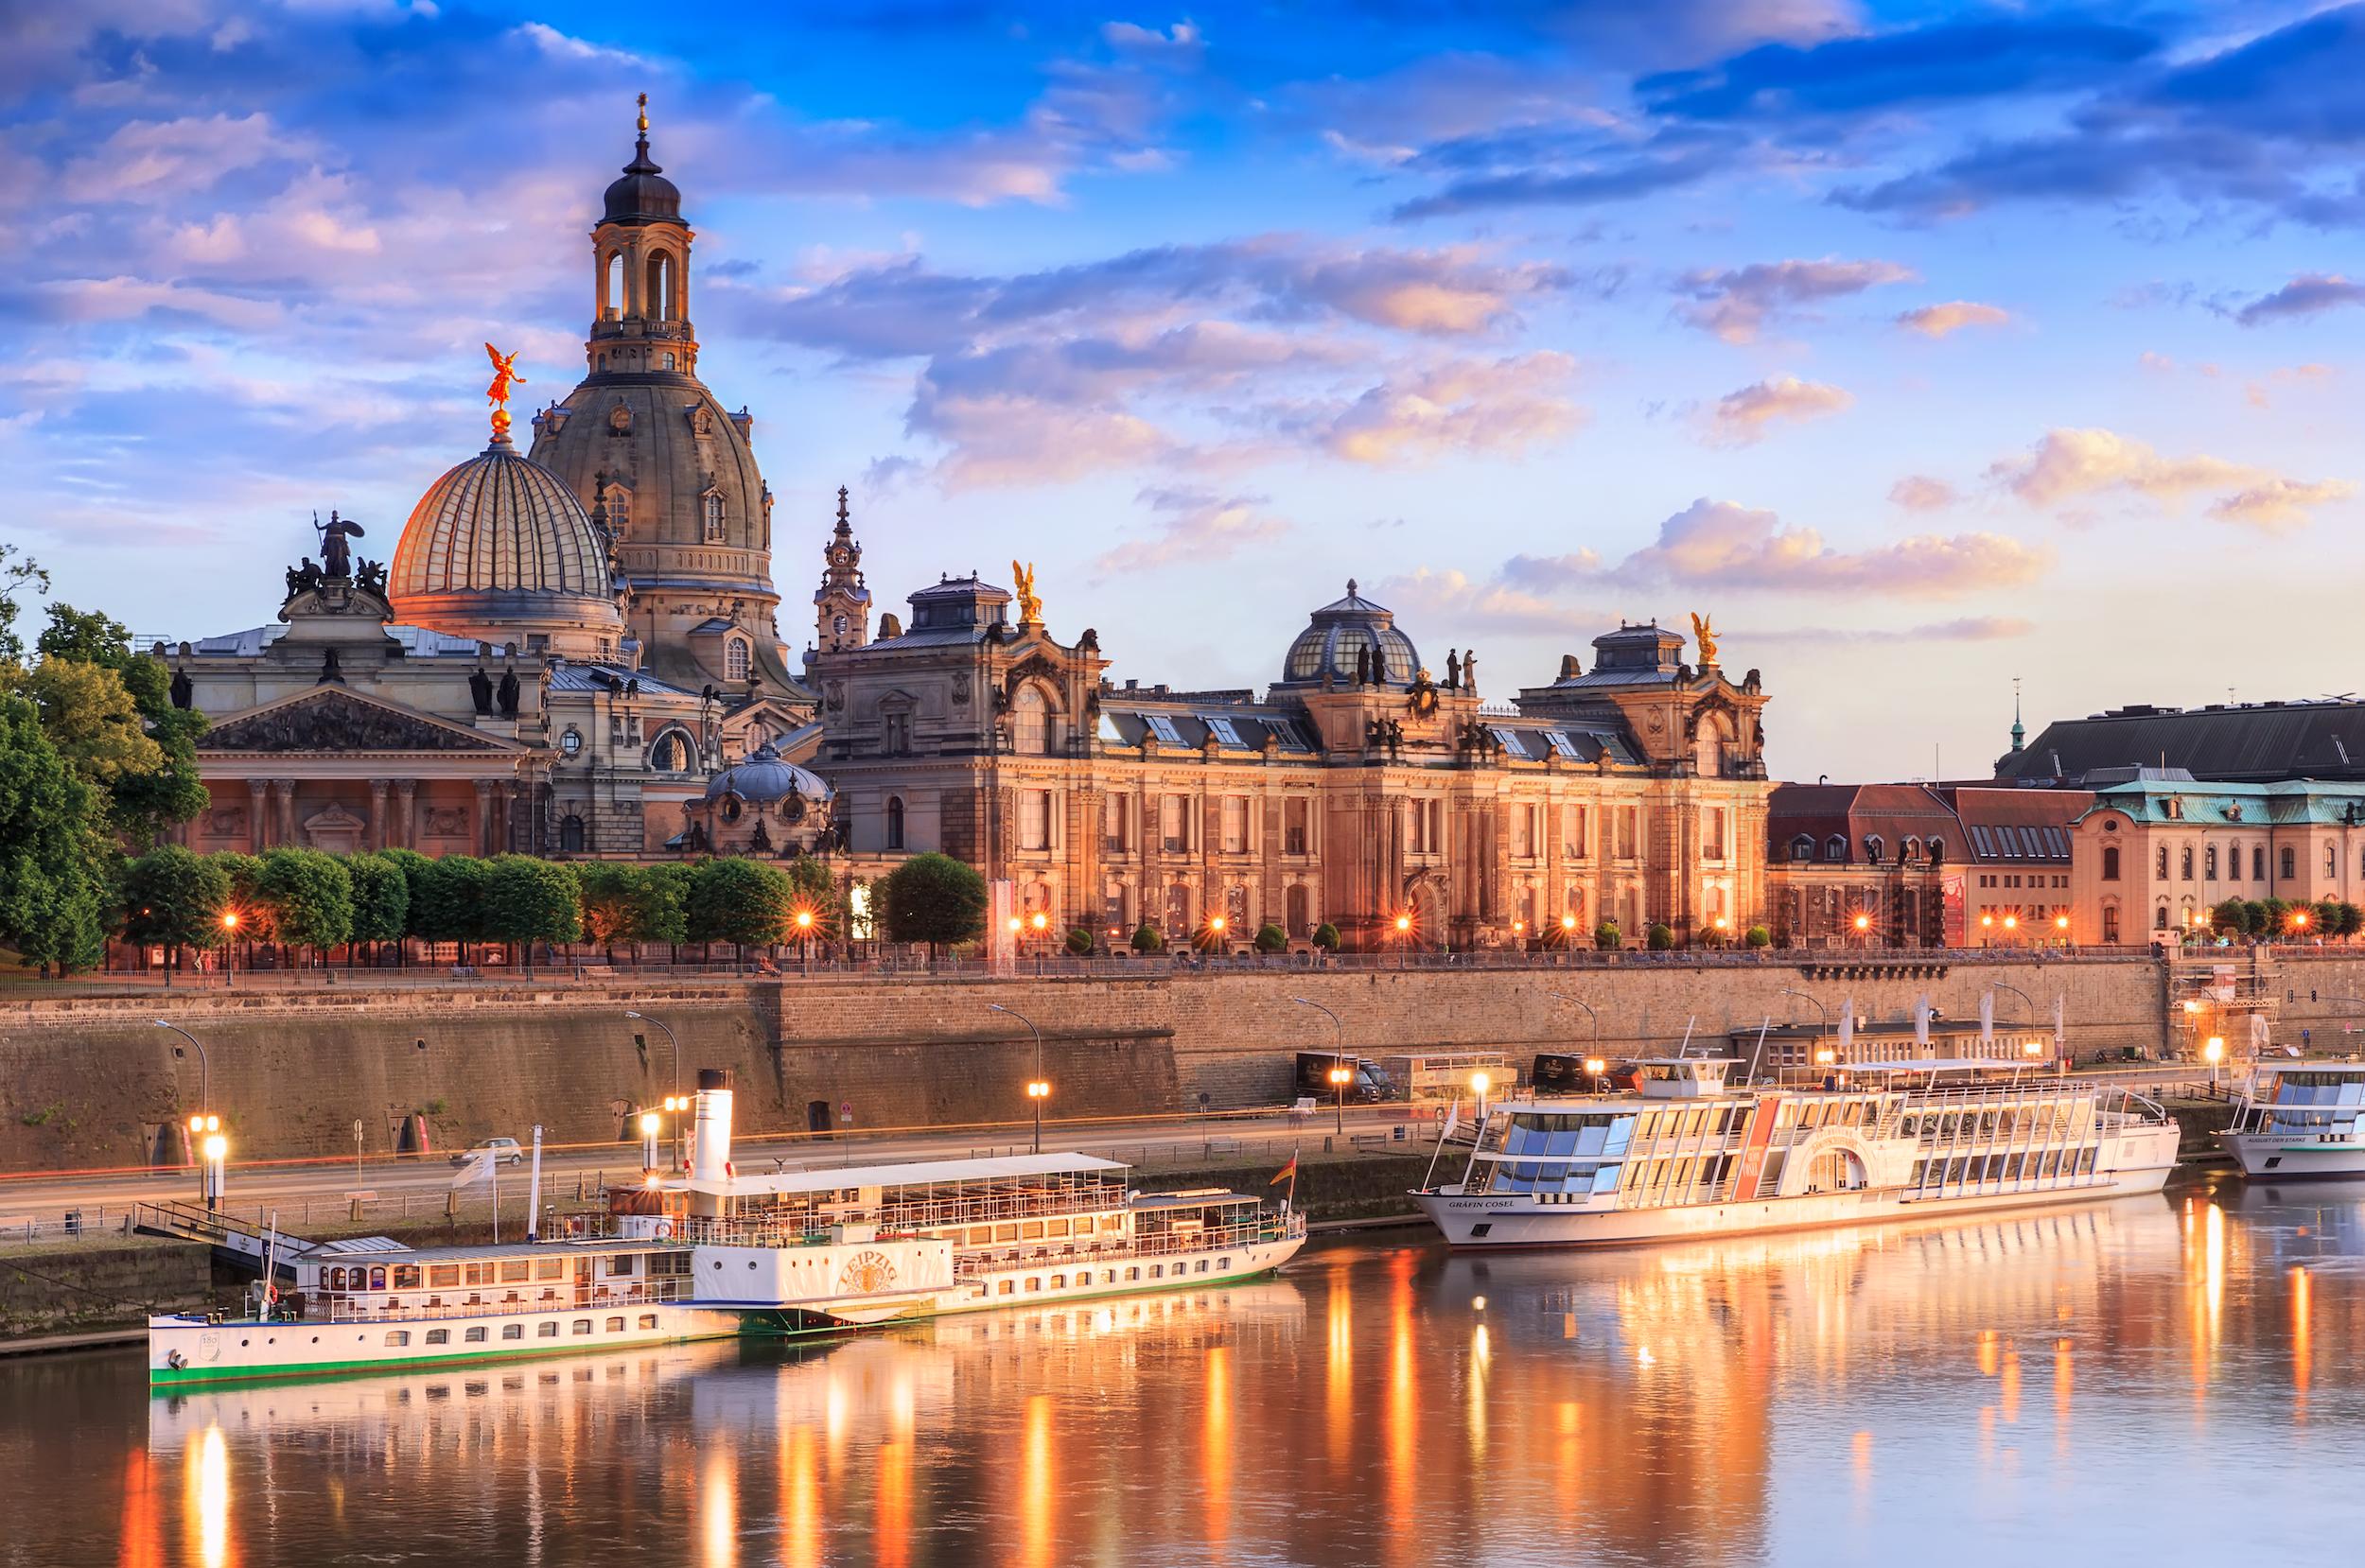 Elbterassen vor der Altstad Dresdens mit Blick auf die Kunstakademi, die Frauenkirche und weitere Gebäude. In der Elbe liegen drei Schiffe der Elbflotte am Kai. Es ist abendliche Stimmung und die ersten Beleuchtungen sind angeschaltet worden.